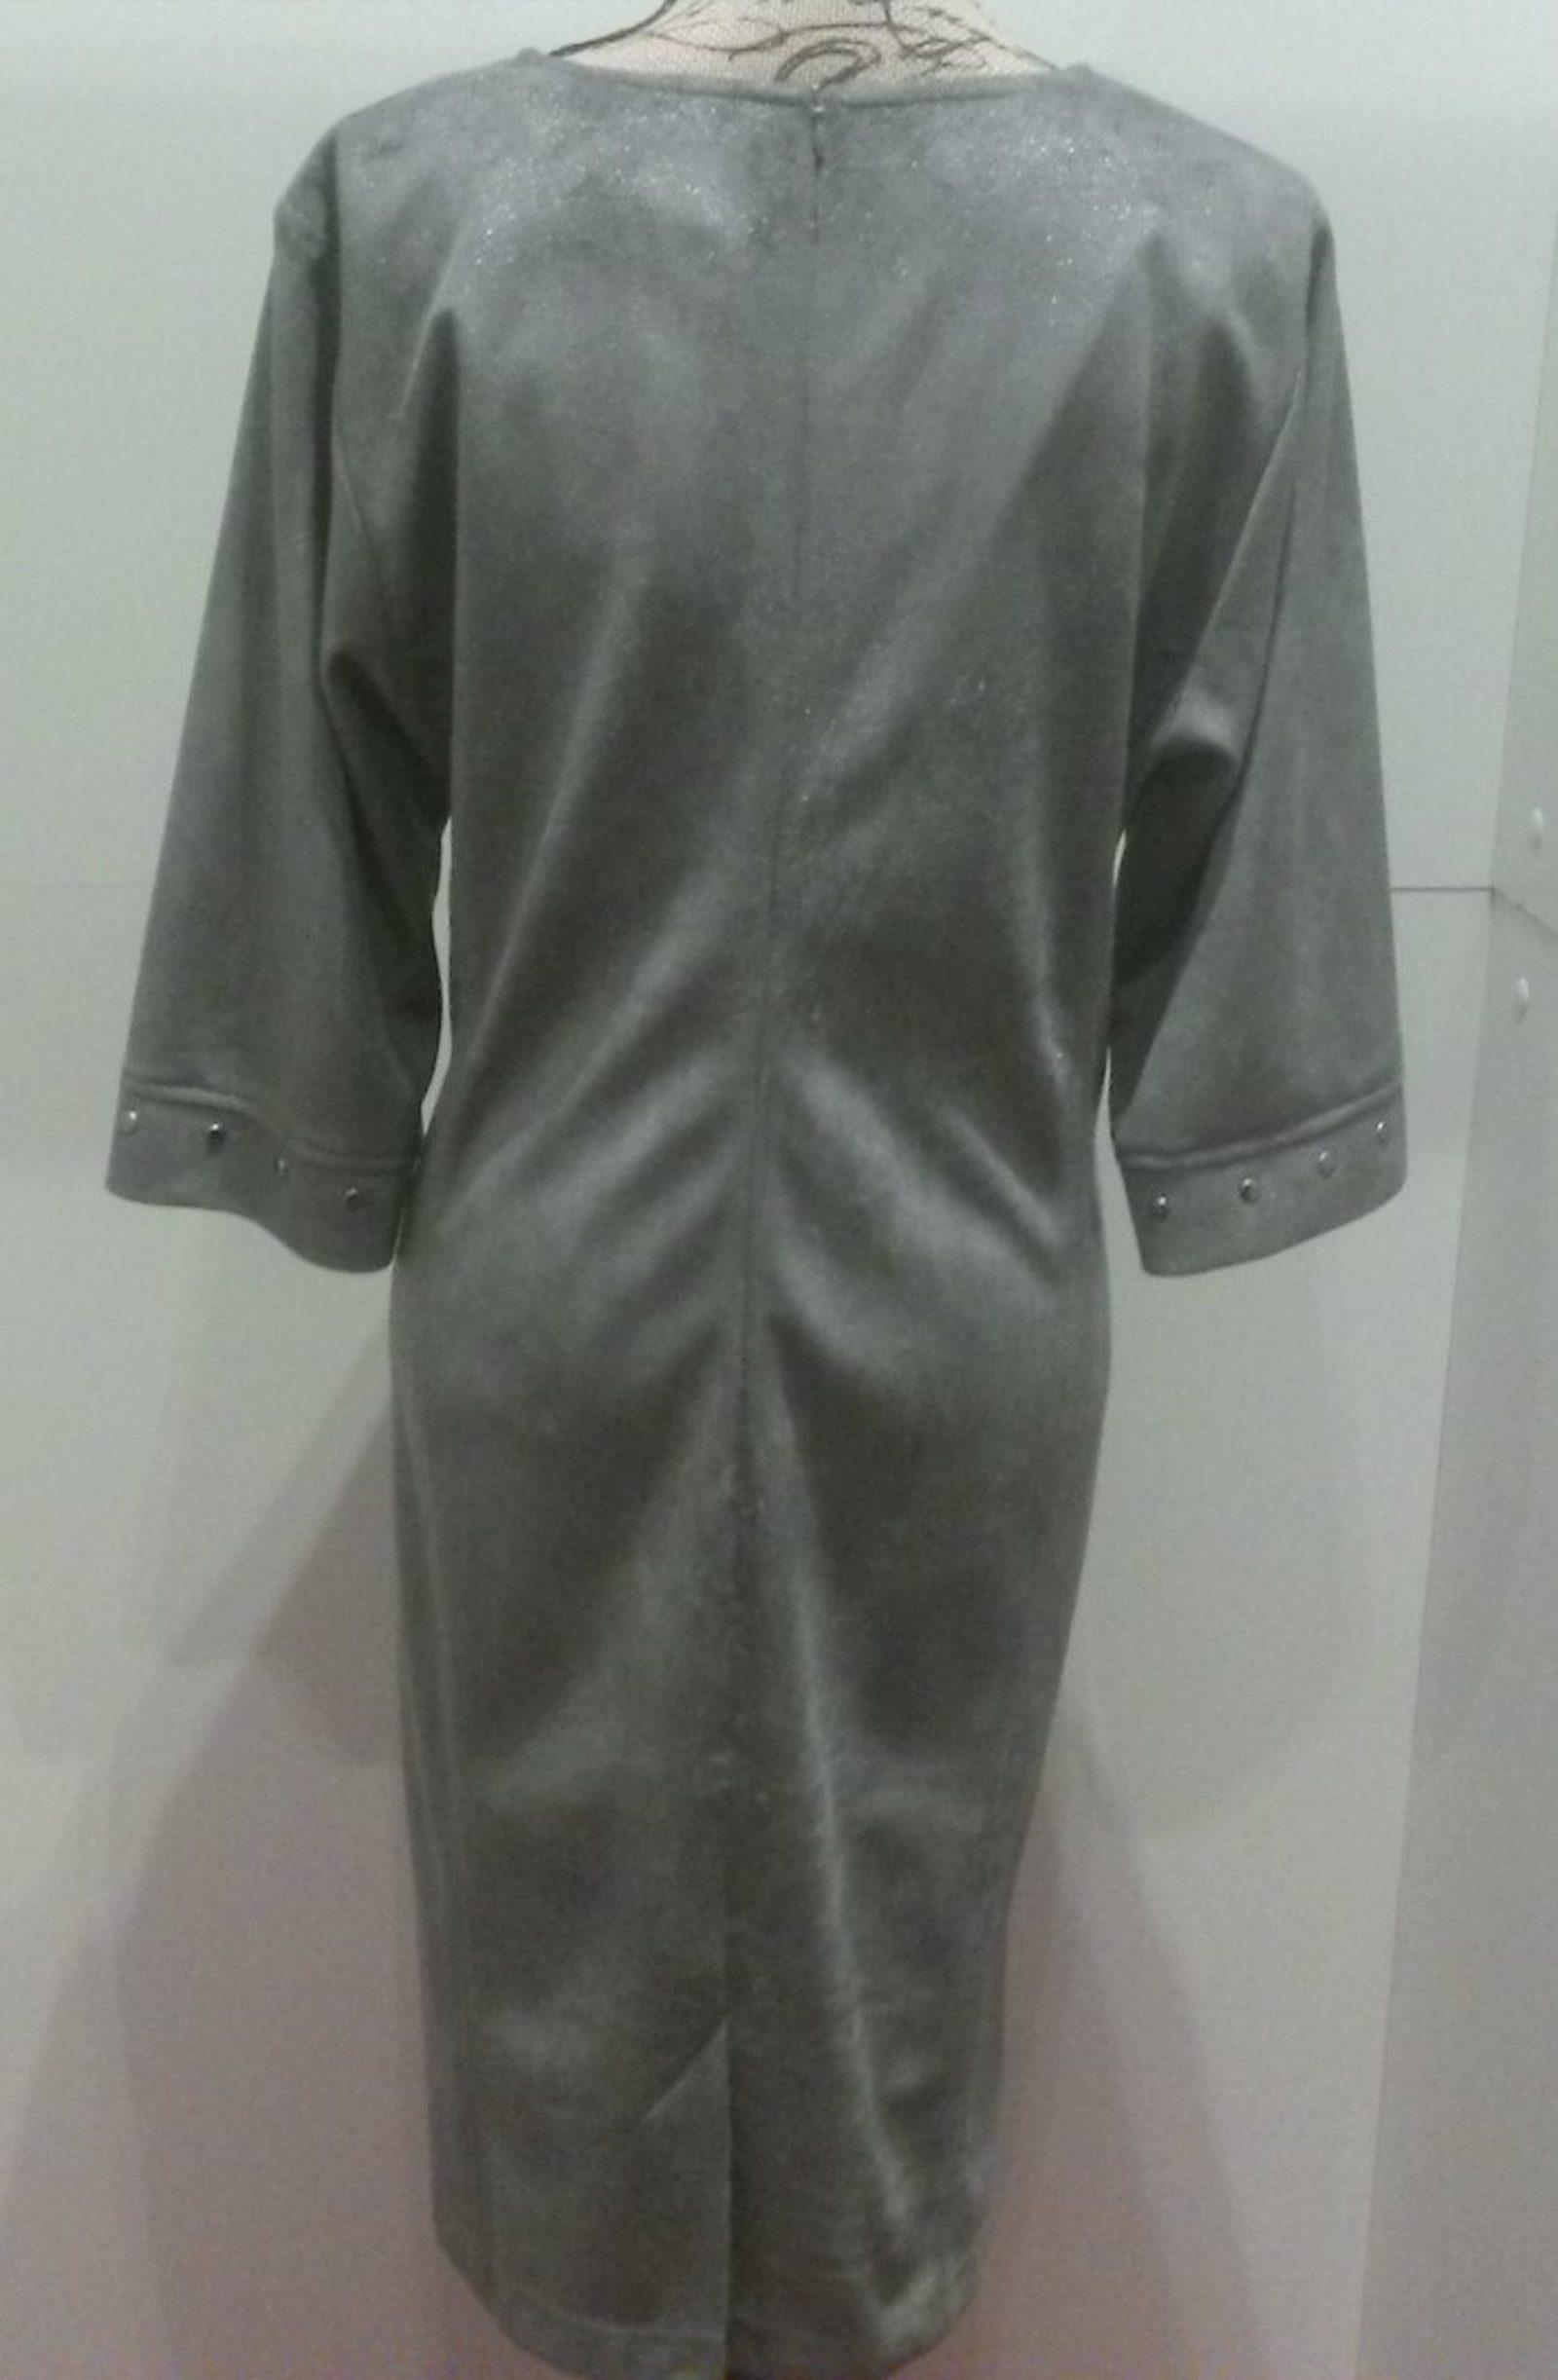 robe couleur grise en taille 46, 50 et 52